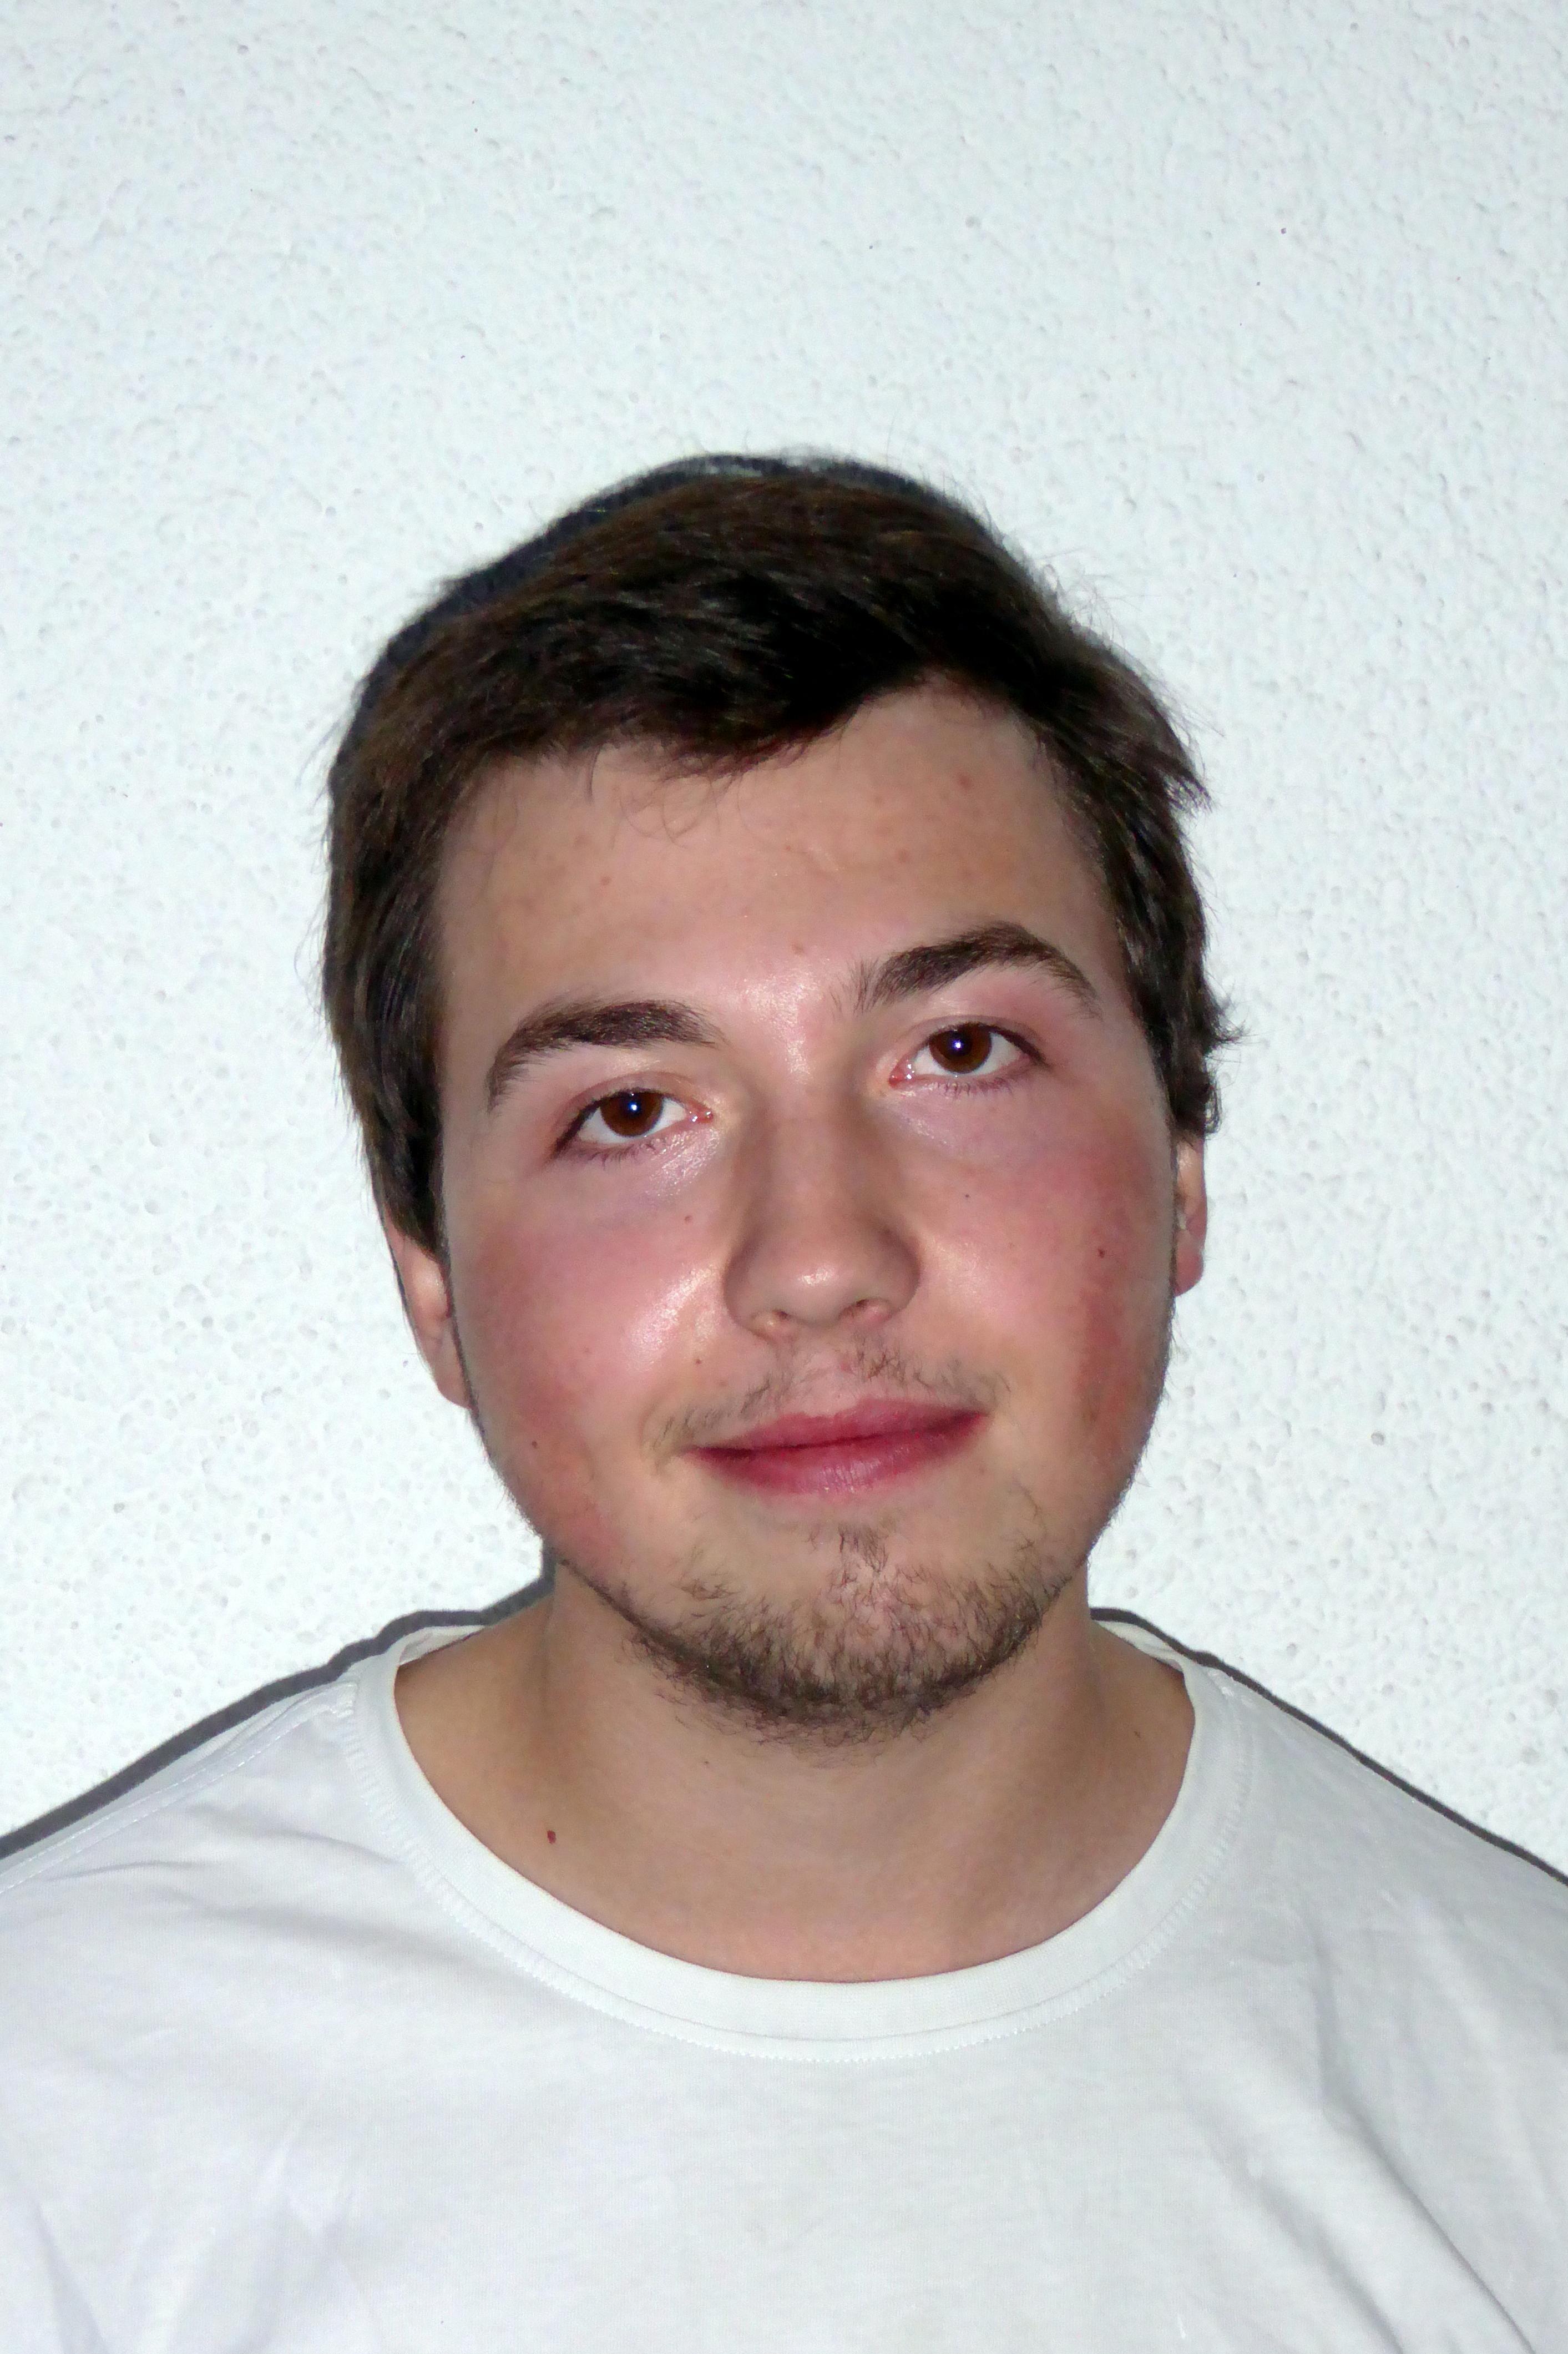 Emsenhuber Florian (Lehrling)